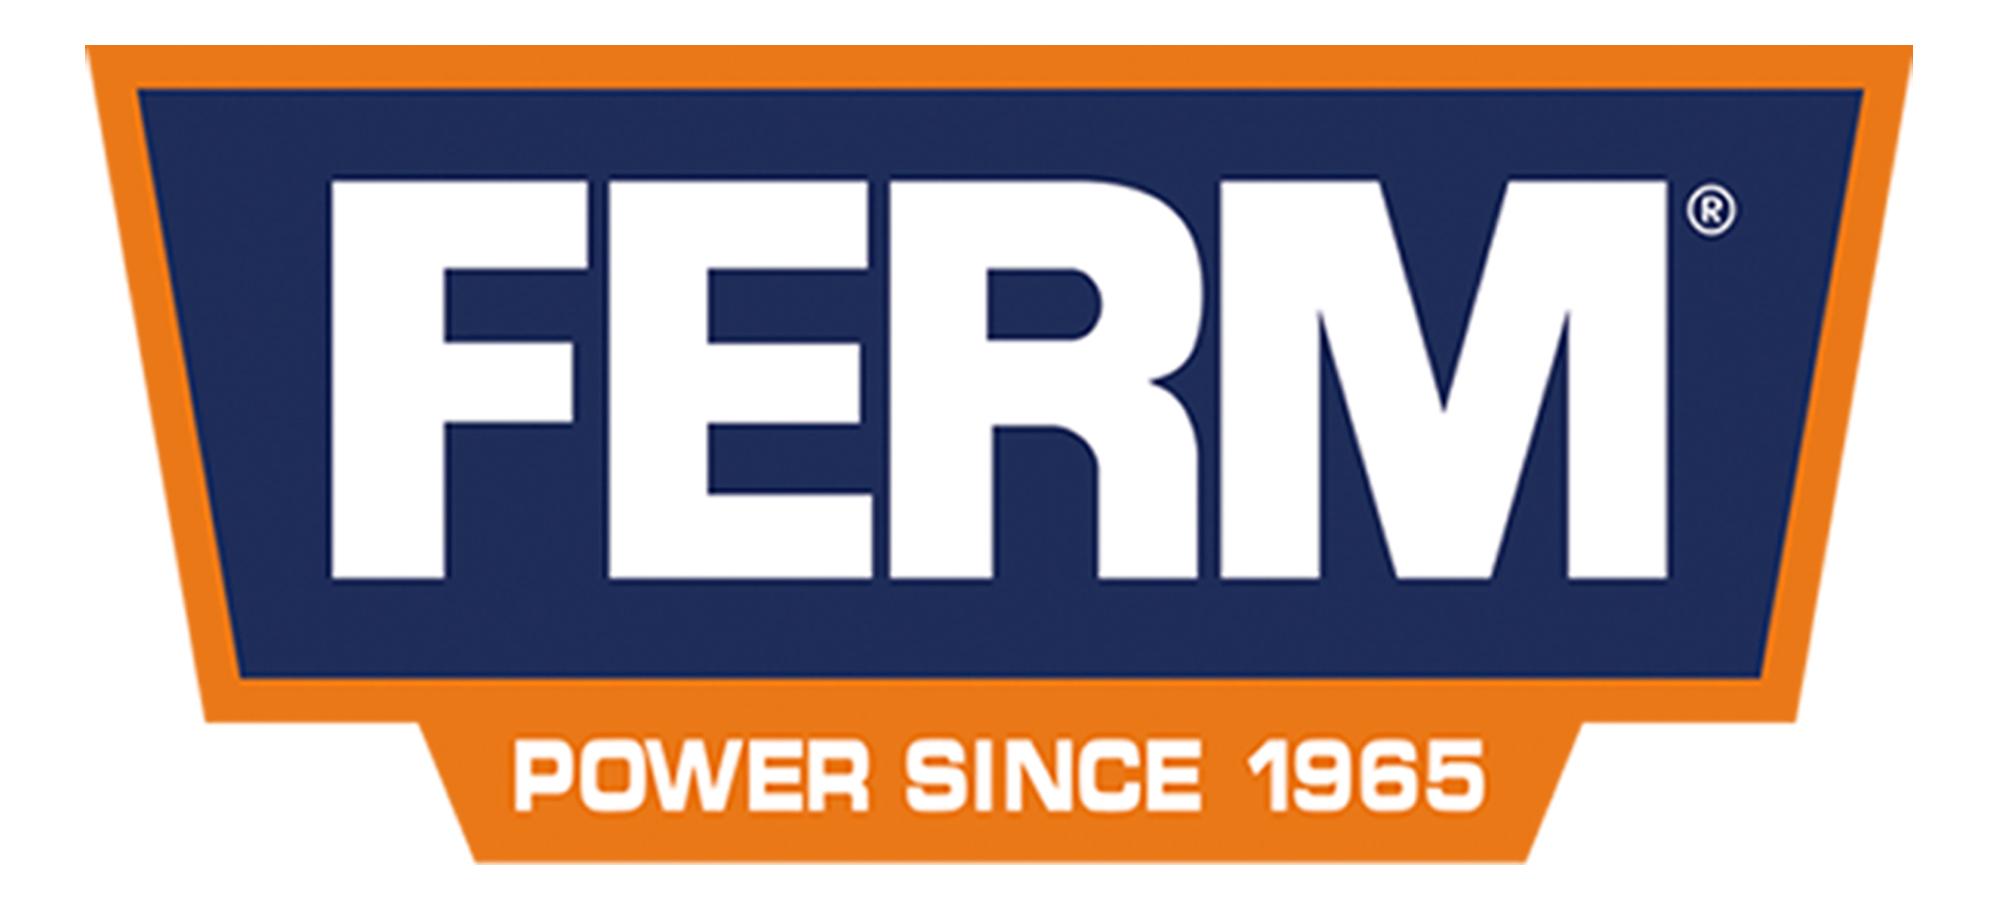 FERM EGYPT